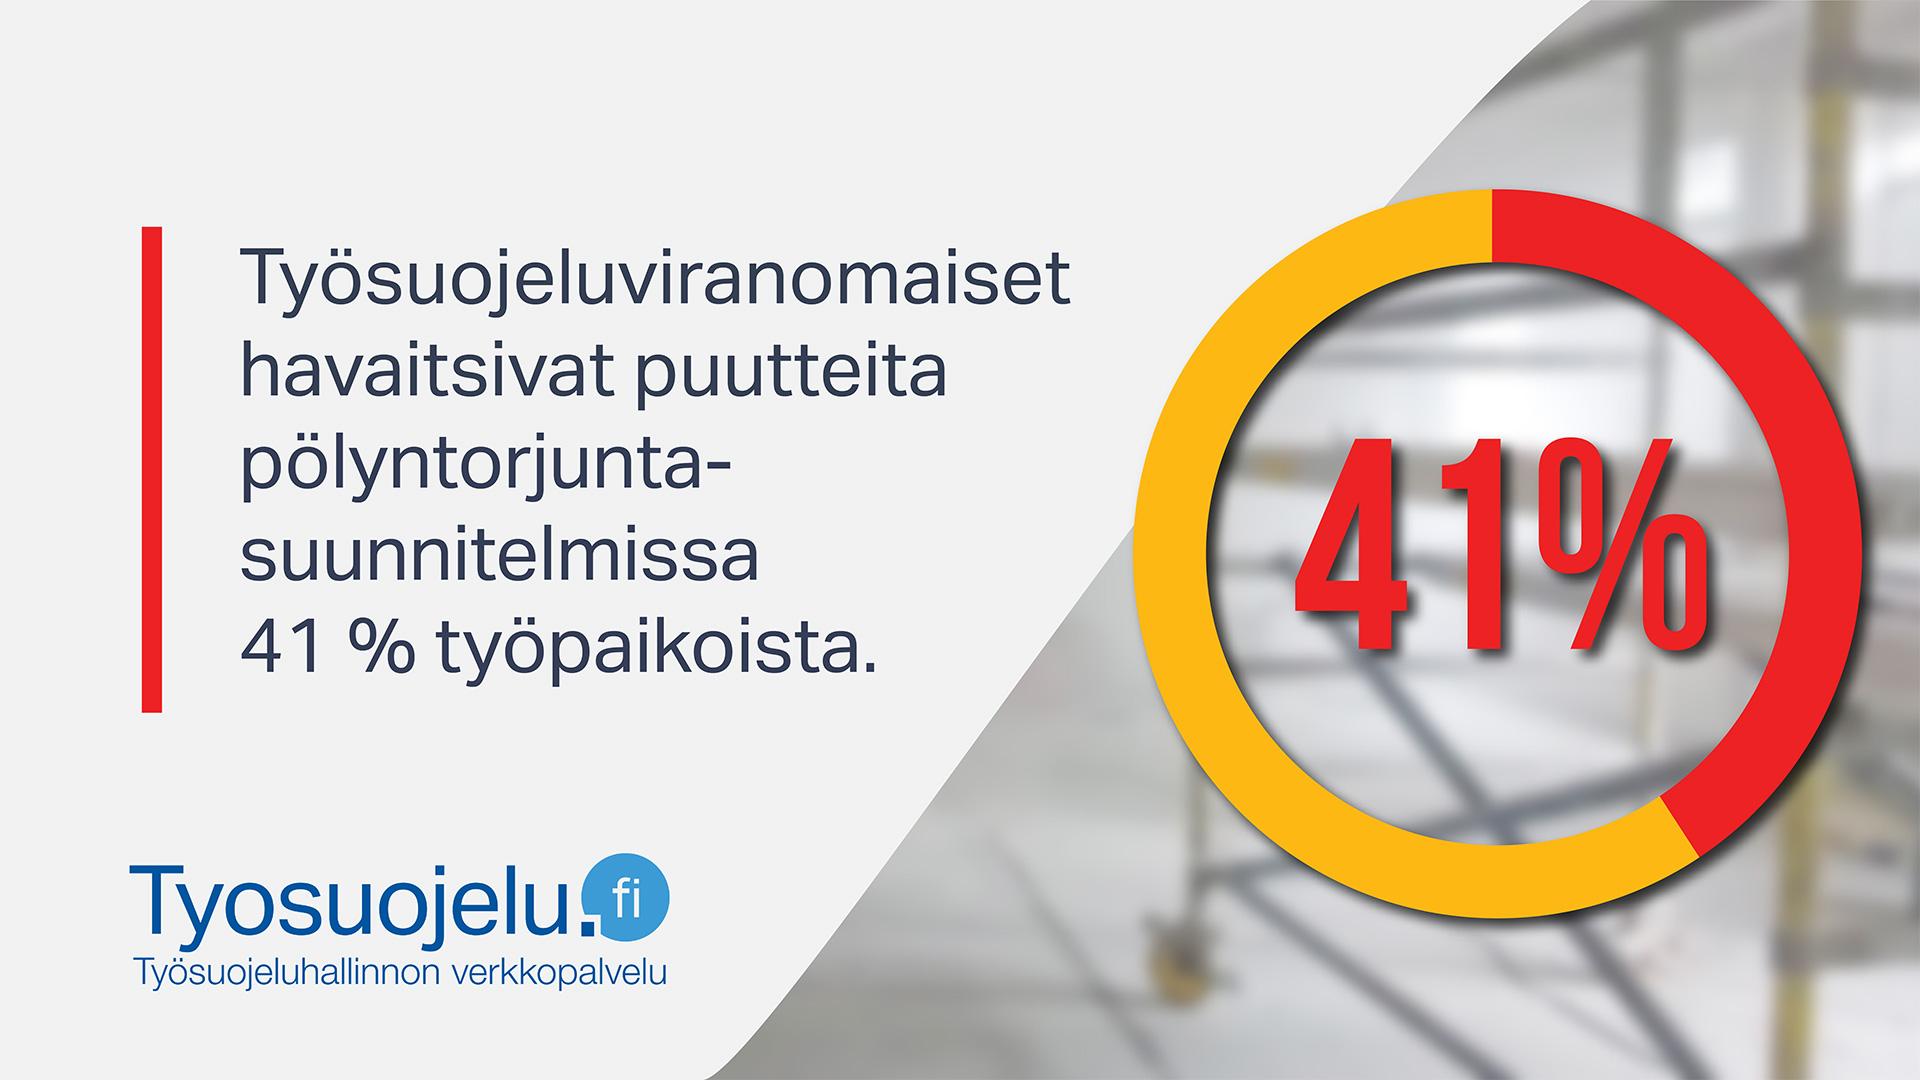 Teksti: Työsuojeluviranomaiset havaitsivat puutteita pölyntorjuntasuunnitelmissa 41% työpaikoista. Tyosuojelu.fi-logo.